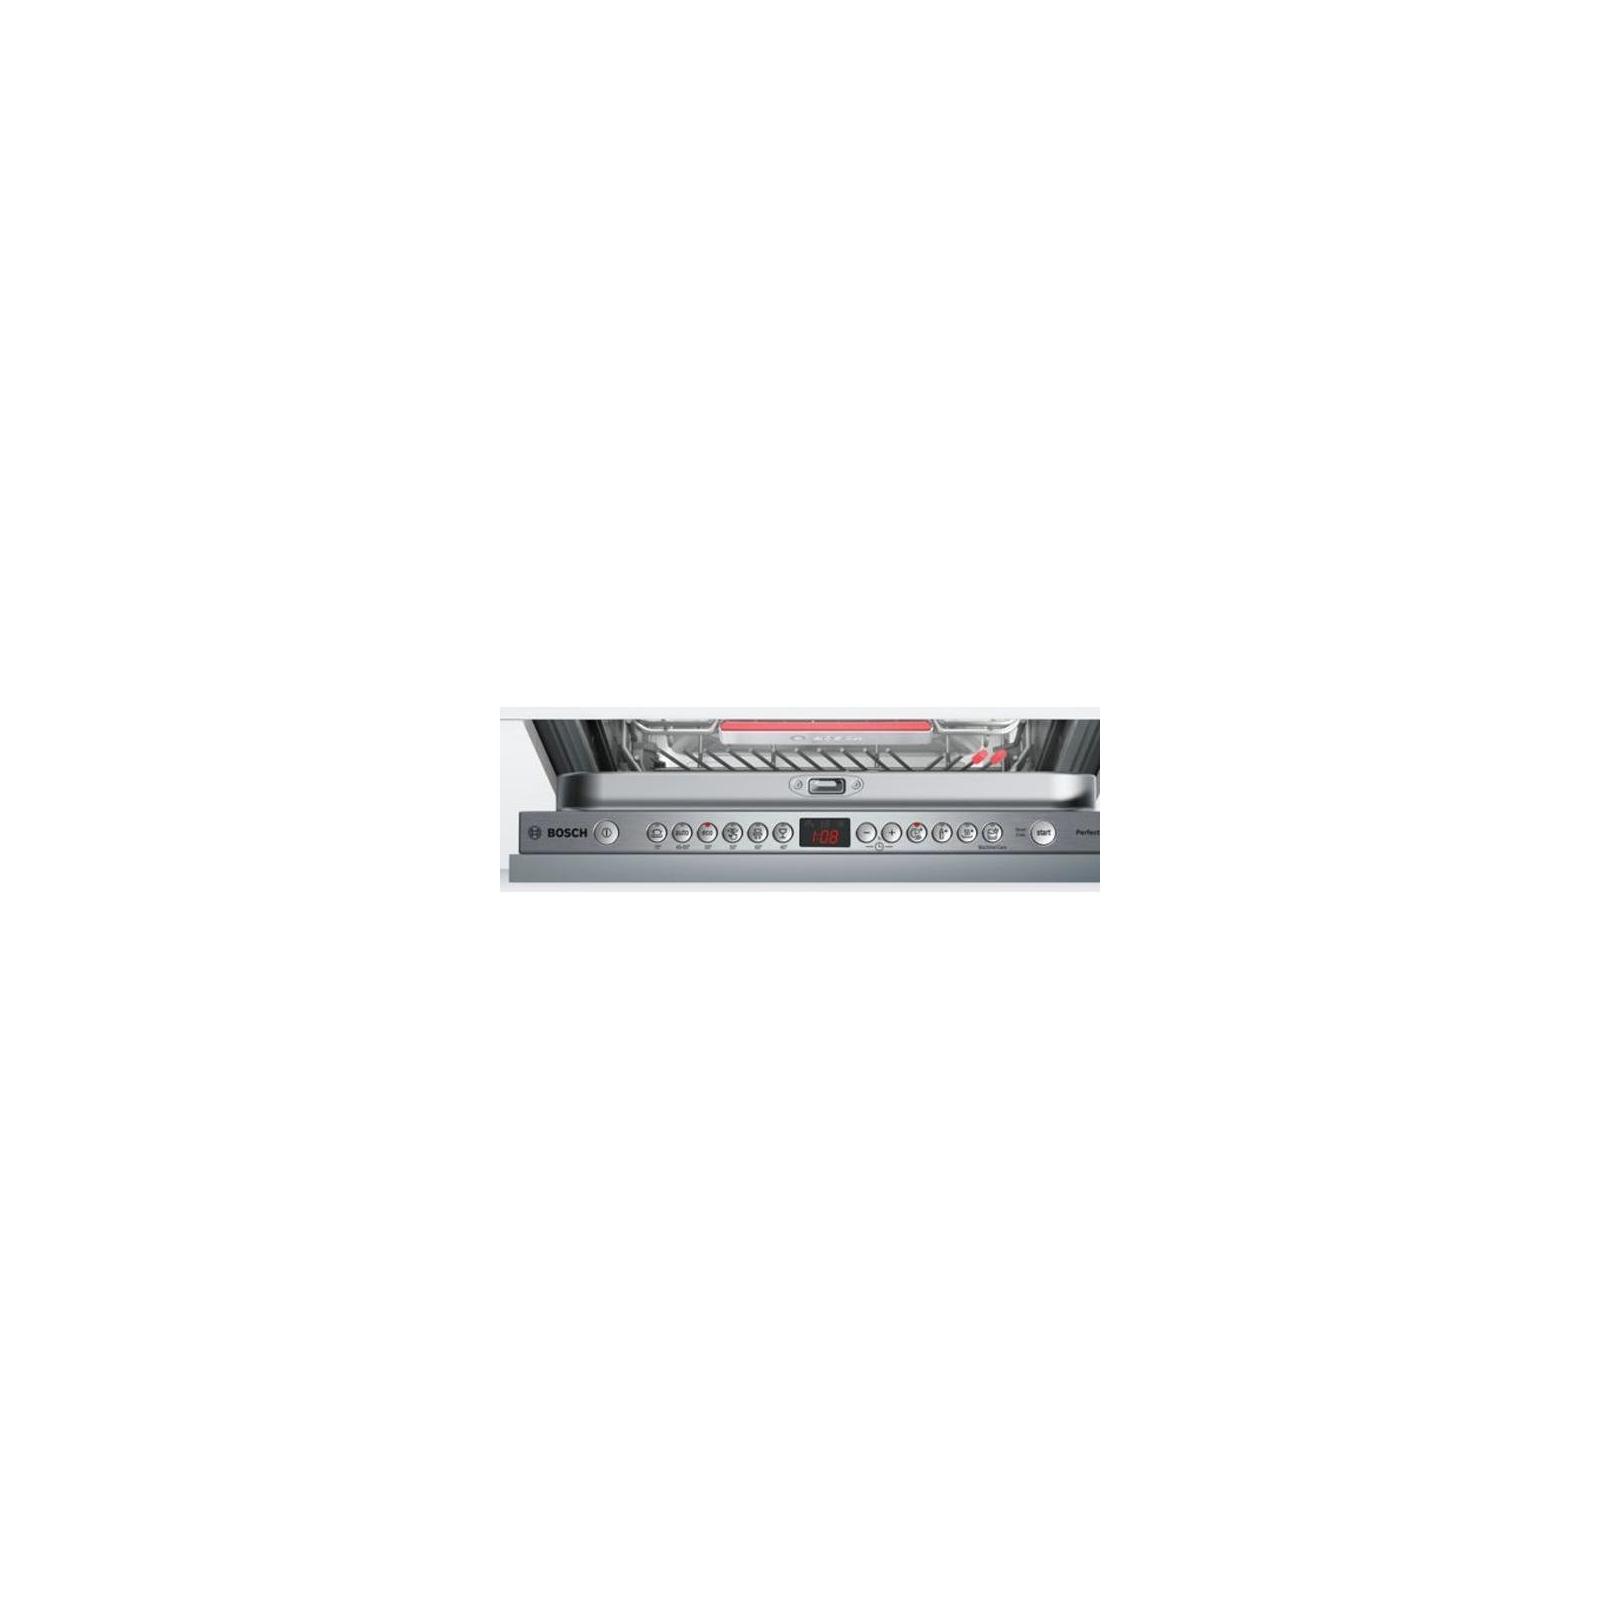 Посудомоечная машина BOSCH SPV 66 TX01E (SPV66TX01E) изображение 2